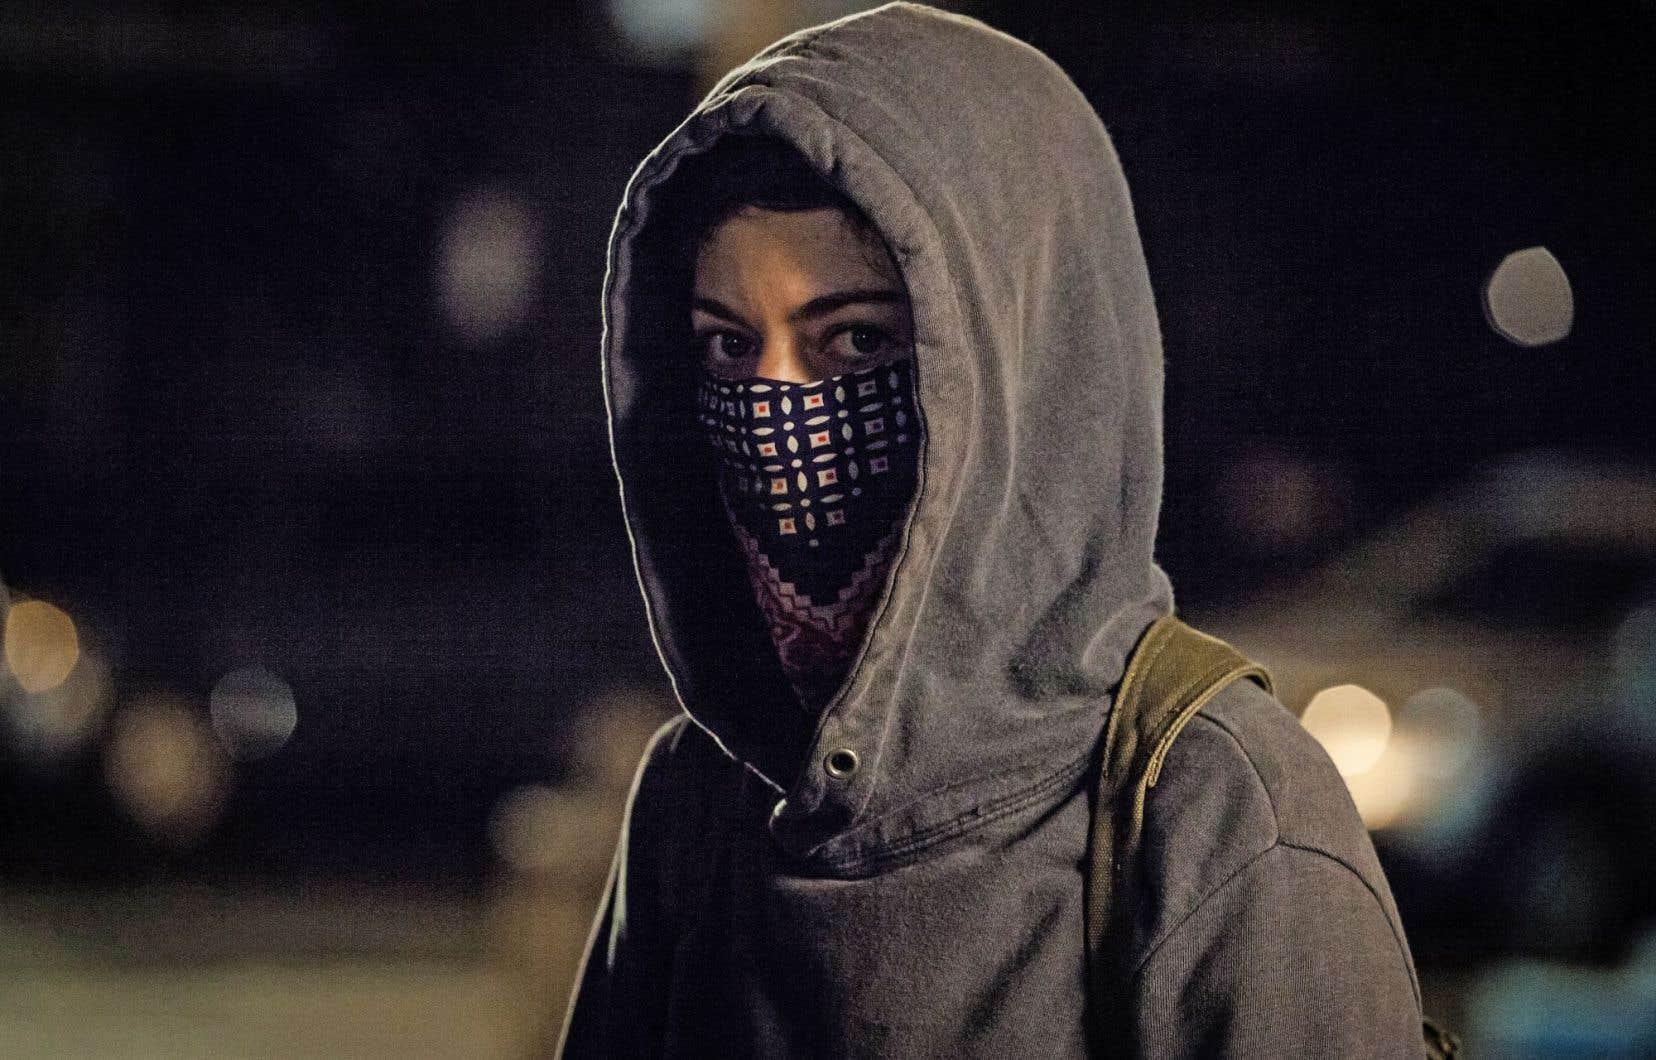 Les réalisateurs explorent la radicalisation de leurs personnages sans en faire l'apologie.